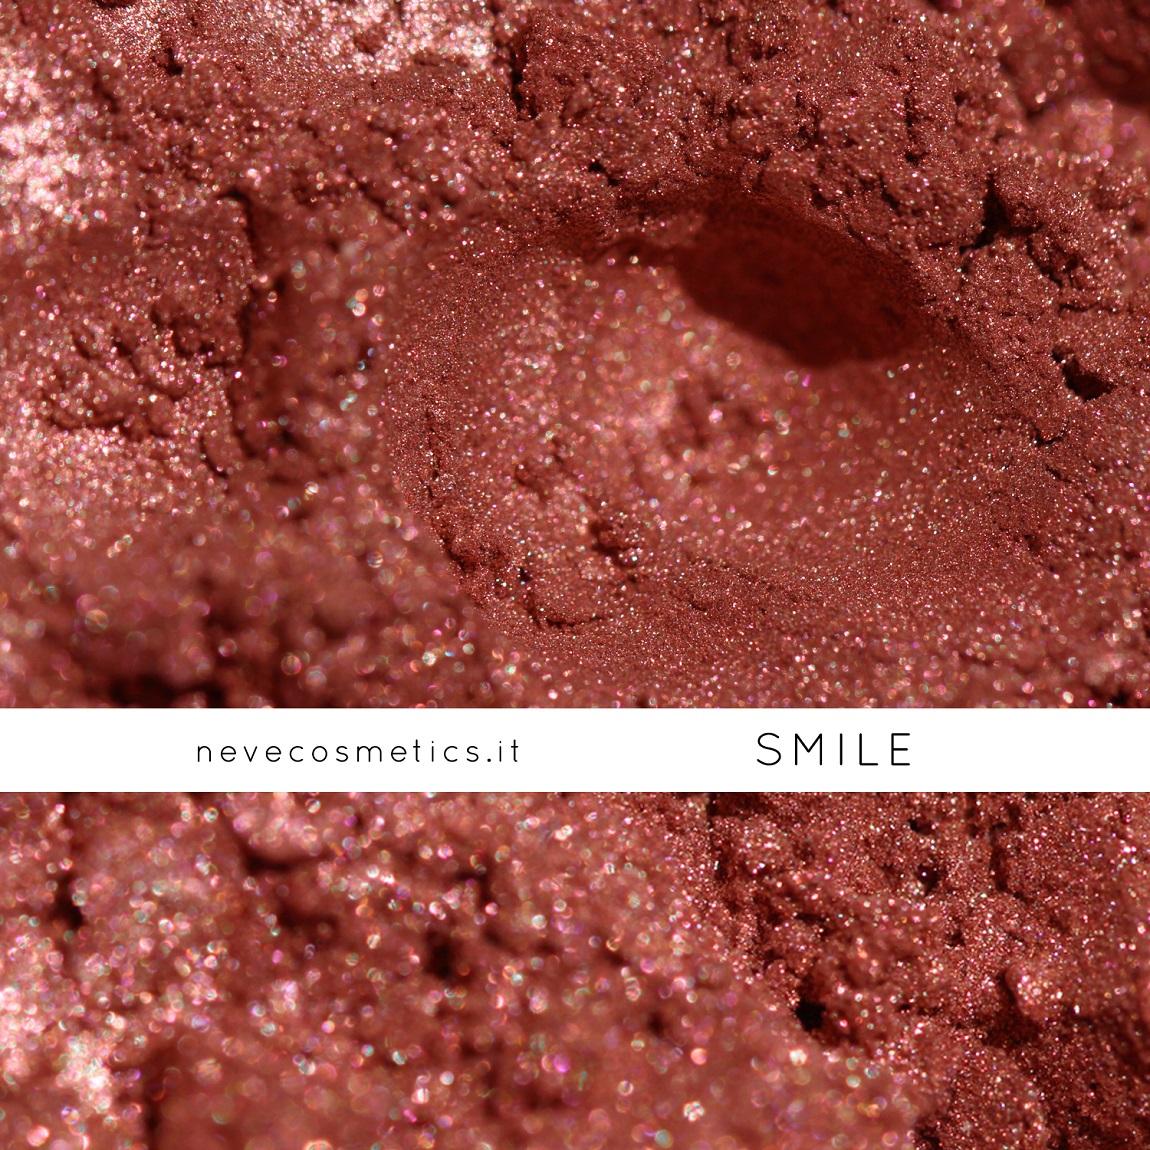 Smile è il blush minerale color pesca che si può usare anche come ombretto!